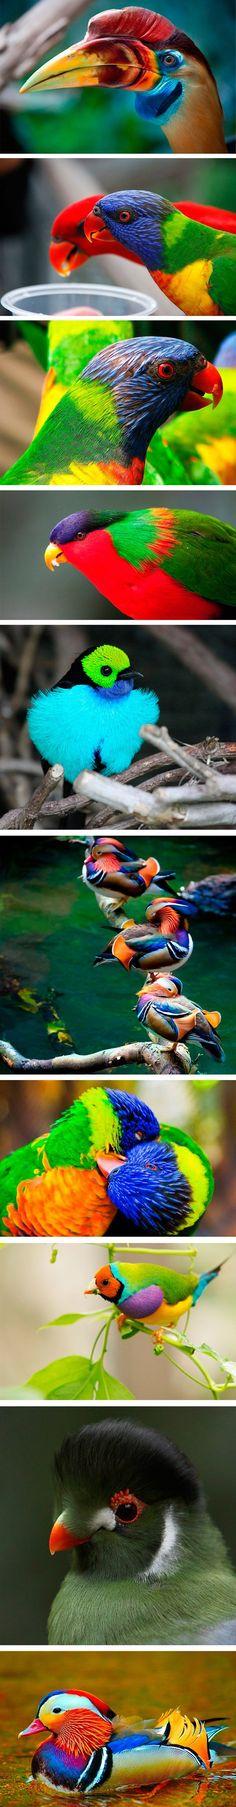 Die farbenfrohe Welt der Vögel - Win Bild | Webfail - Fail Bilder und Fail Videos